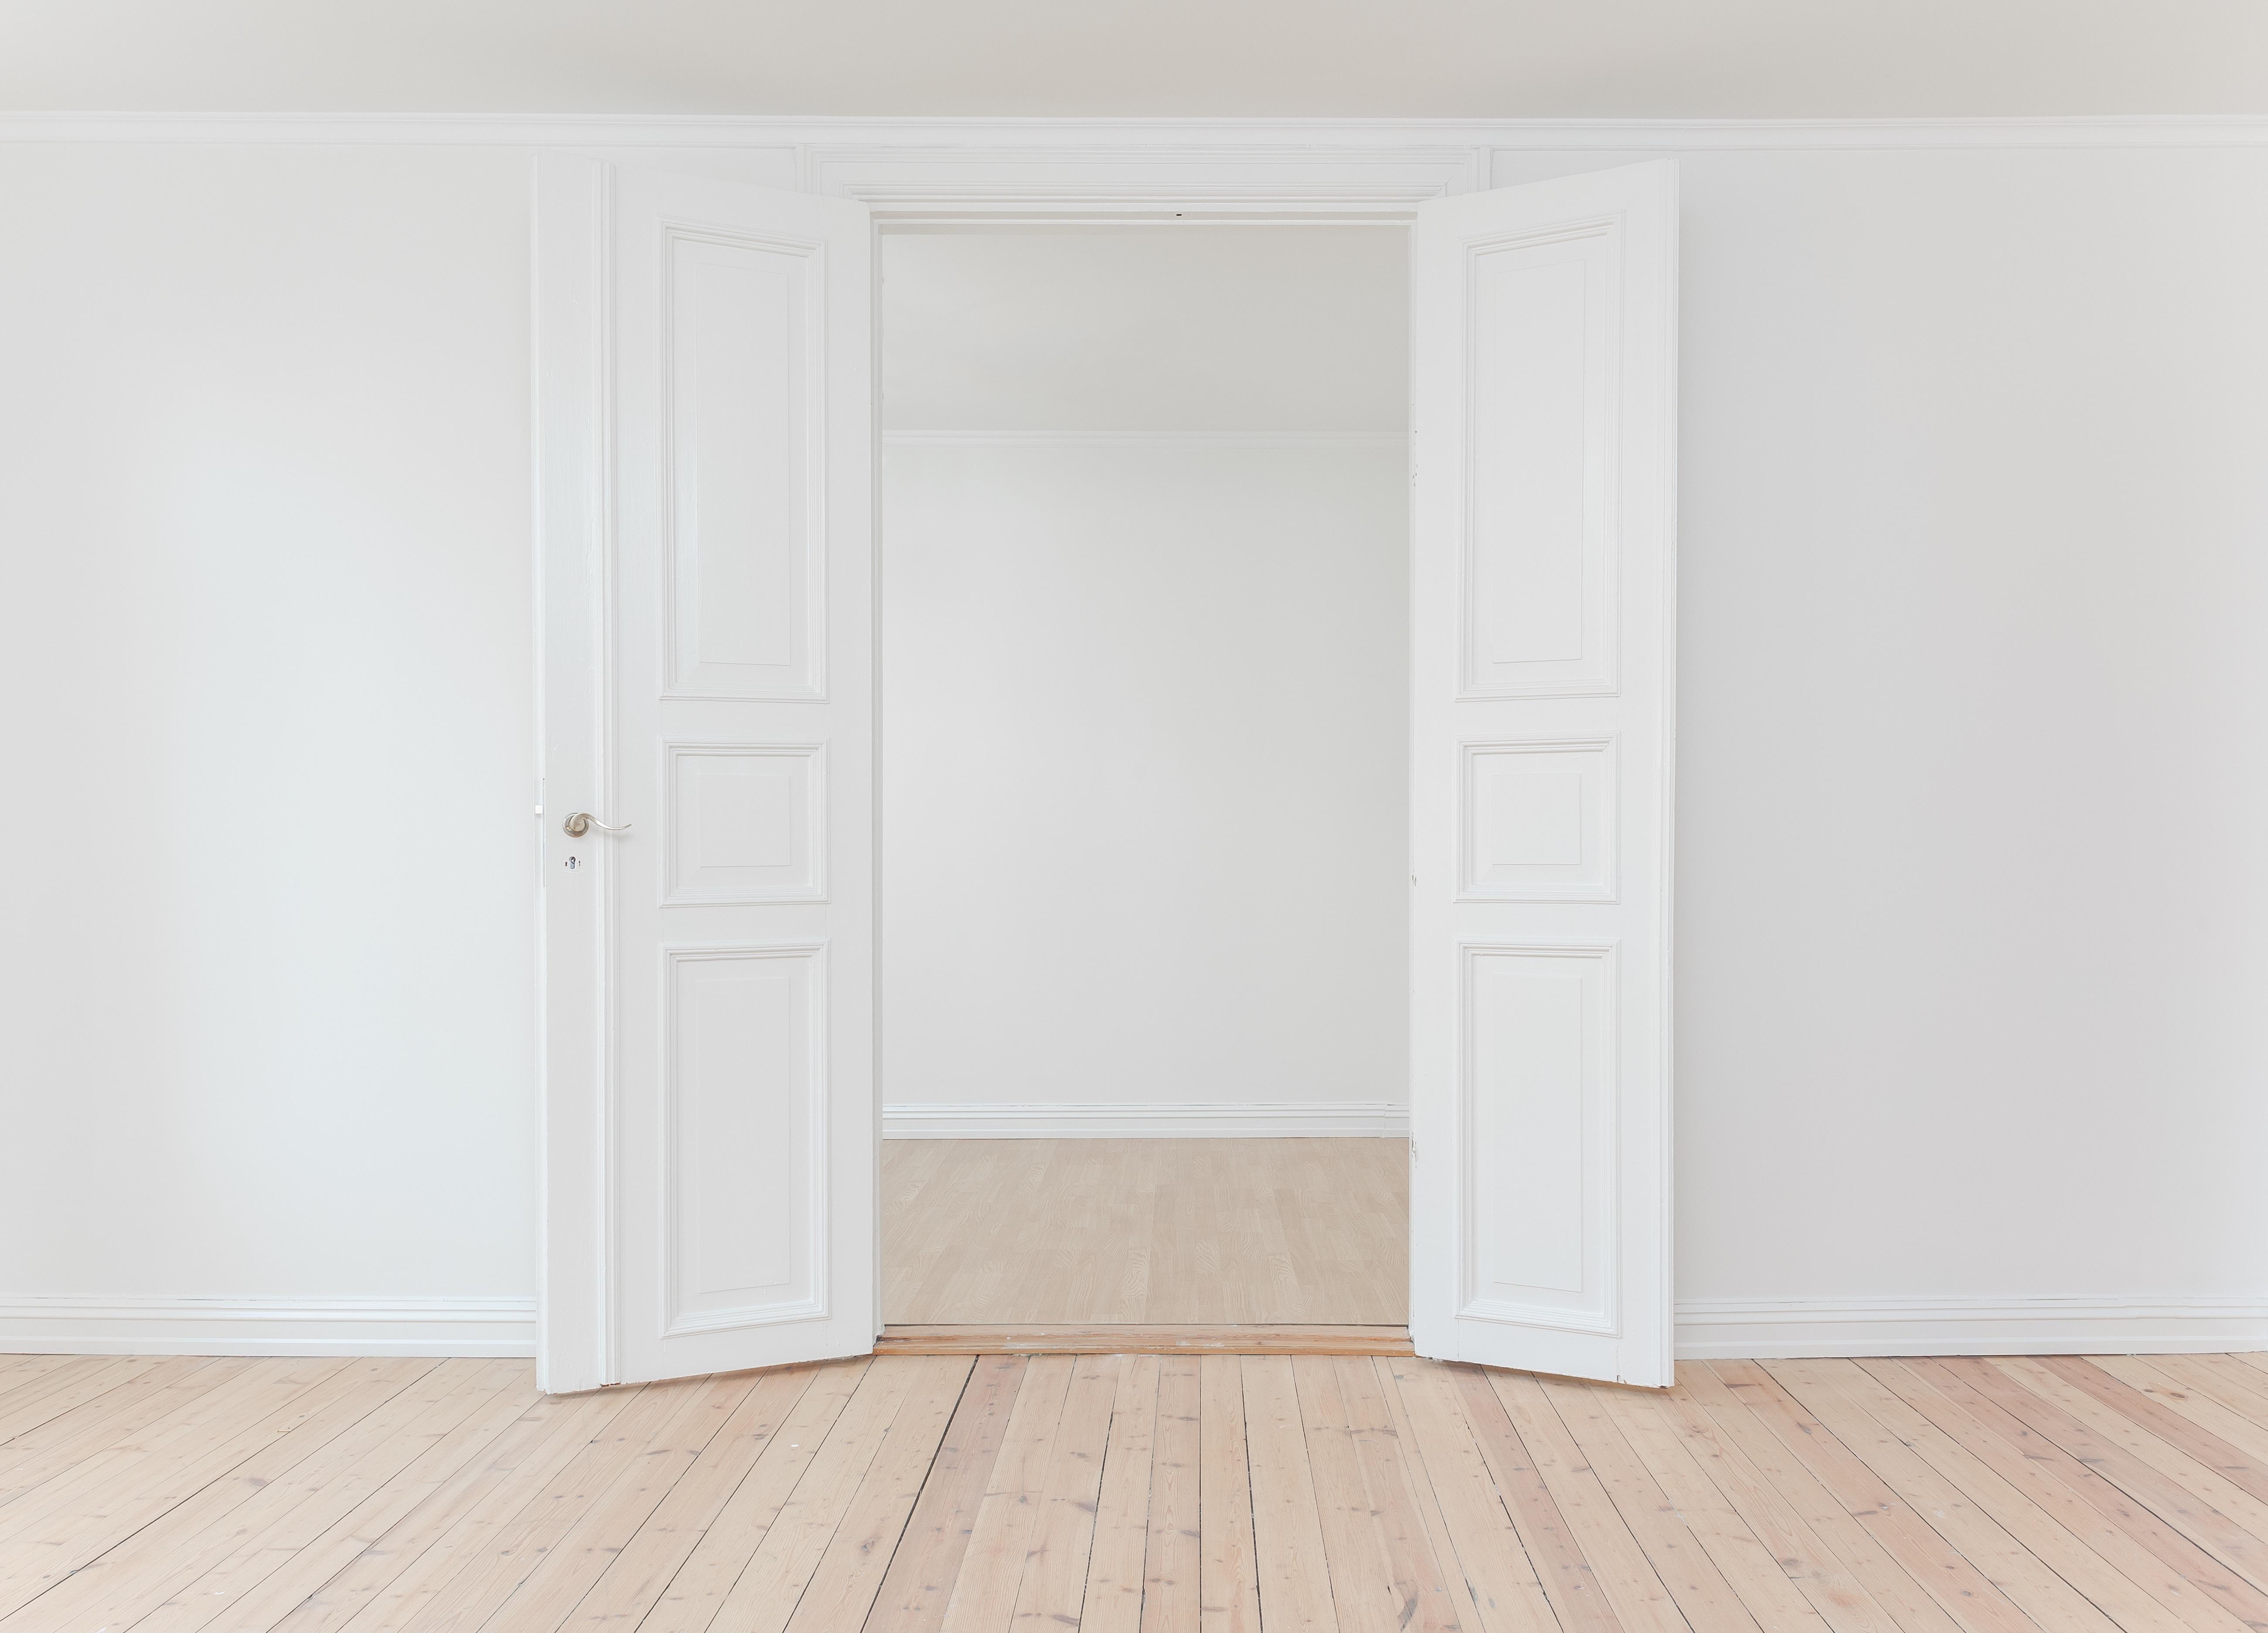 Fotos gratis : blanco, piso, interior, vacío, mueble, habitación ...